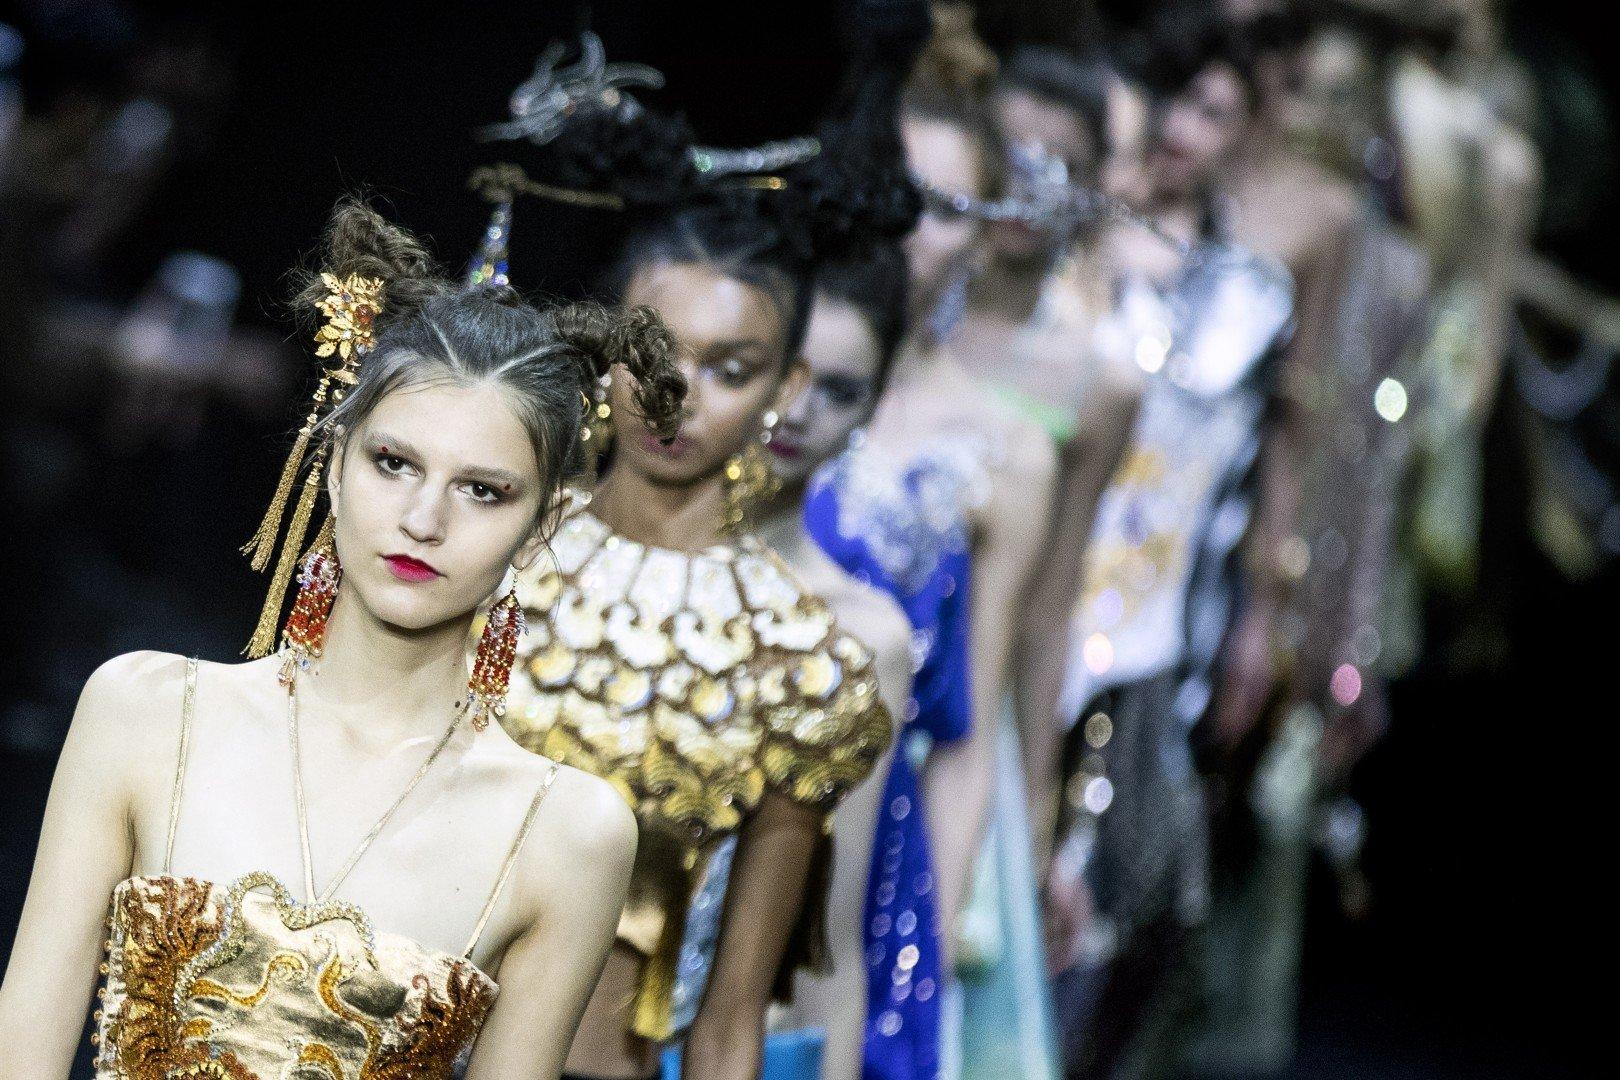 70f47ae8ef5bc Paris Haute Couture 2019: China's fashion 'queen' Guo Pei's lavish ...